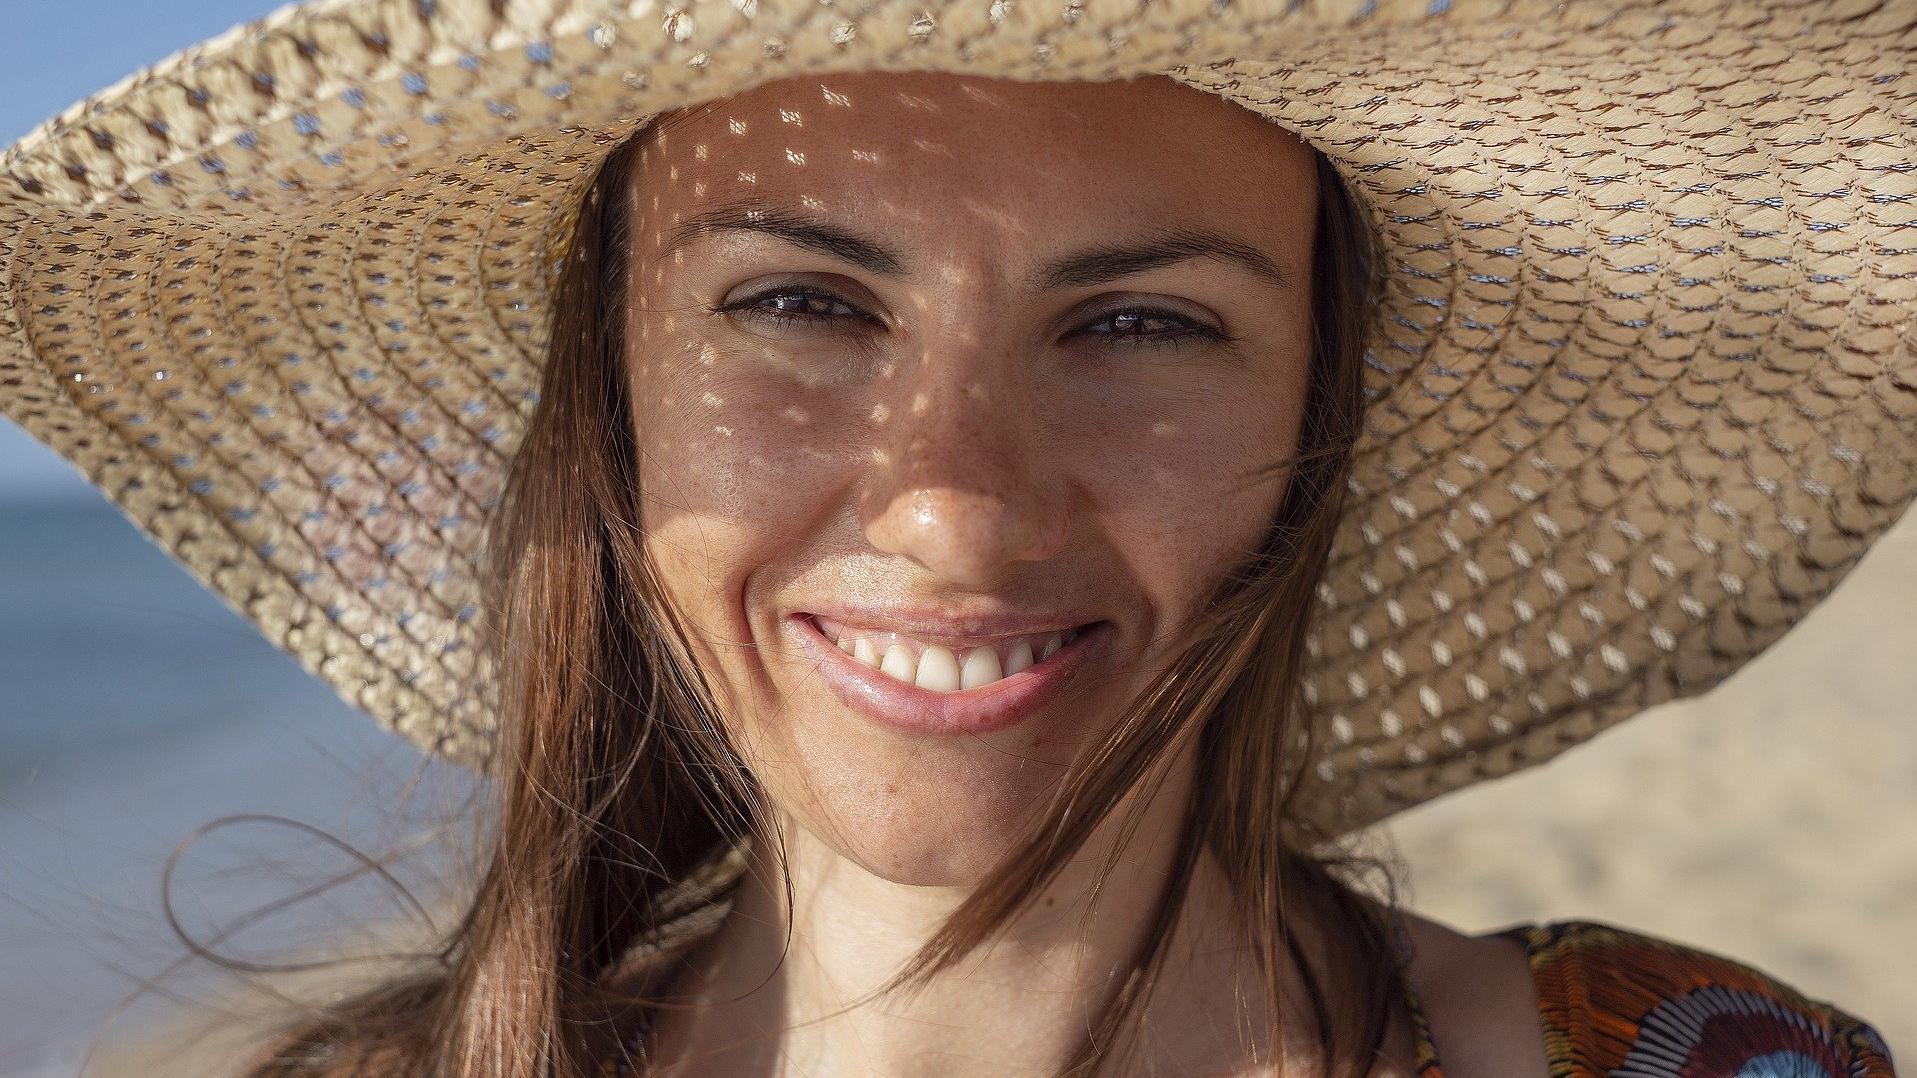 Auch die Haare müssen mit einem Sonnenschutz versorgt werden.